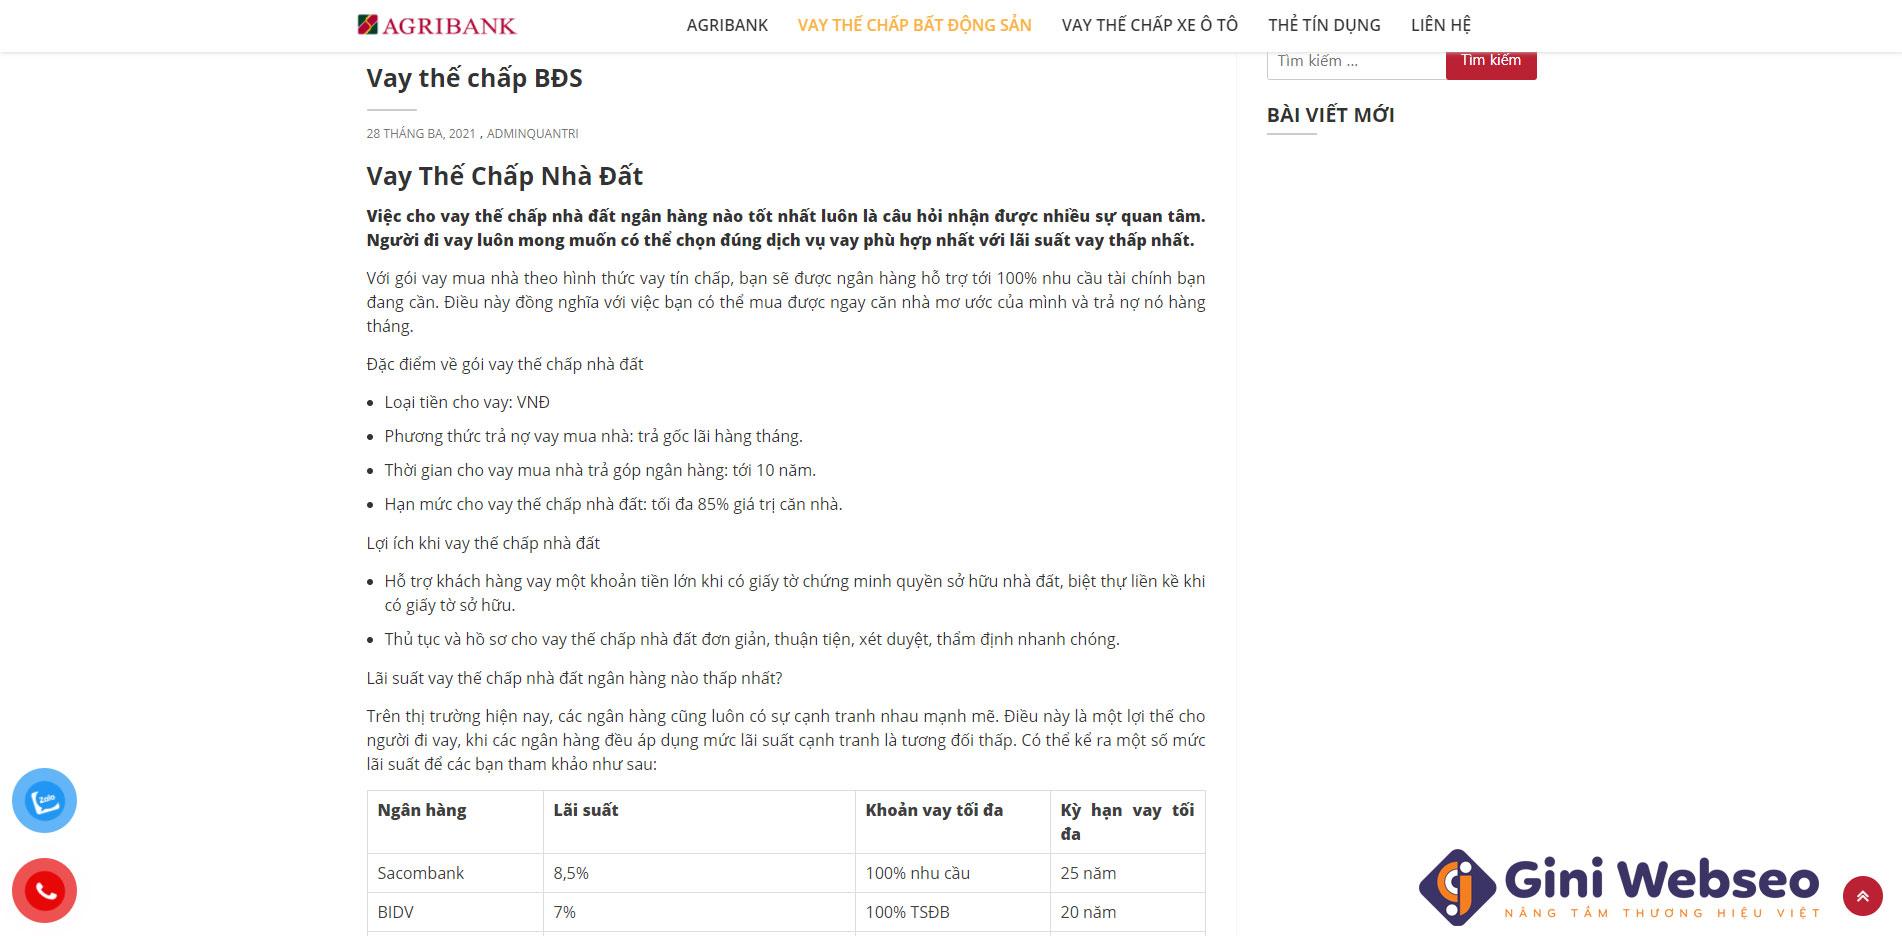 Giao diện dịch vụ thiết kế website ngân hàng - AGRIBANK